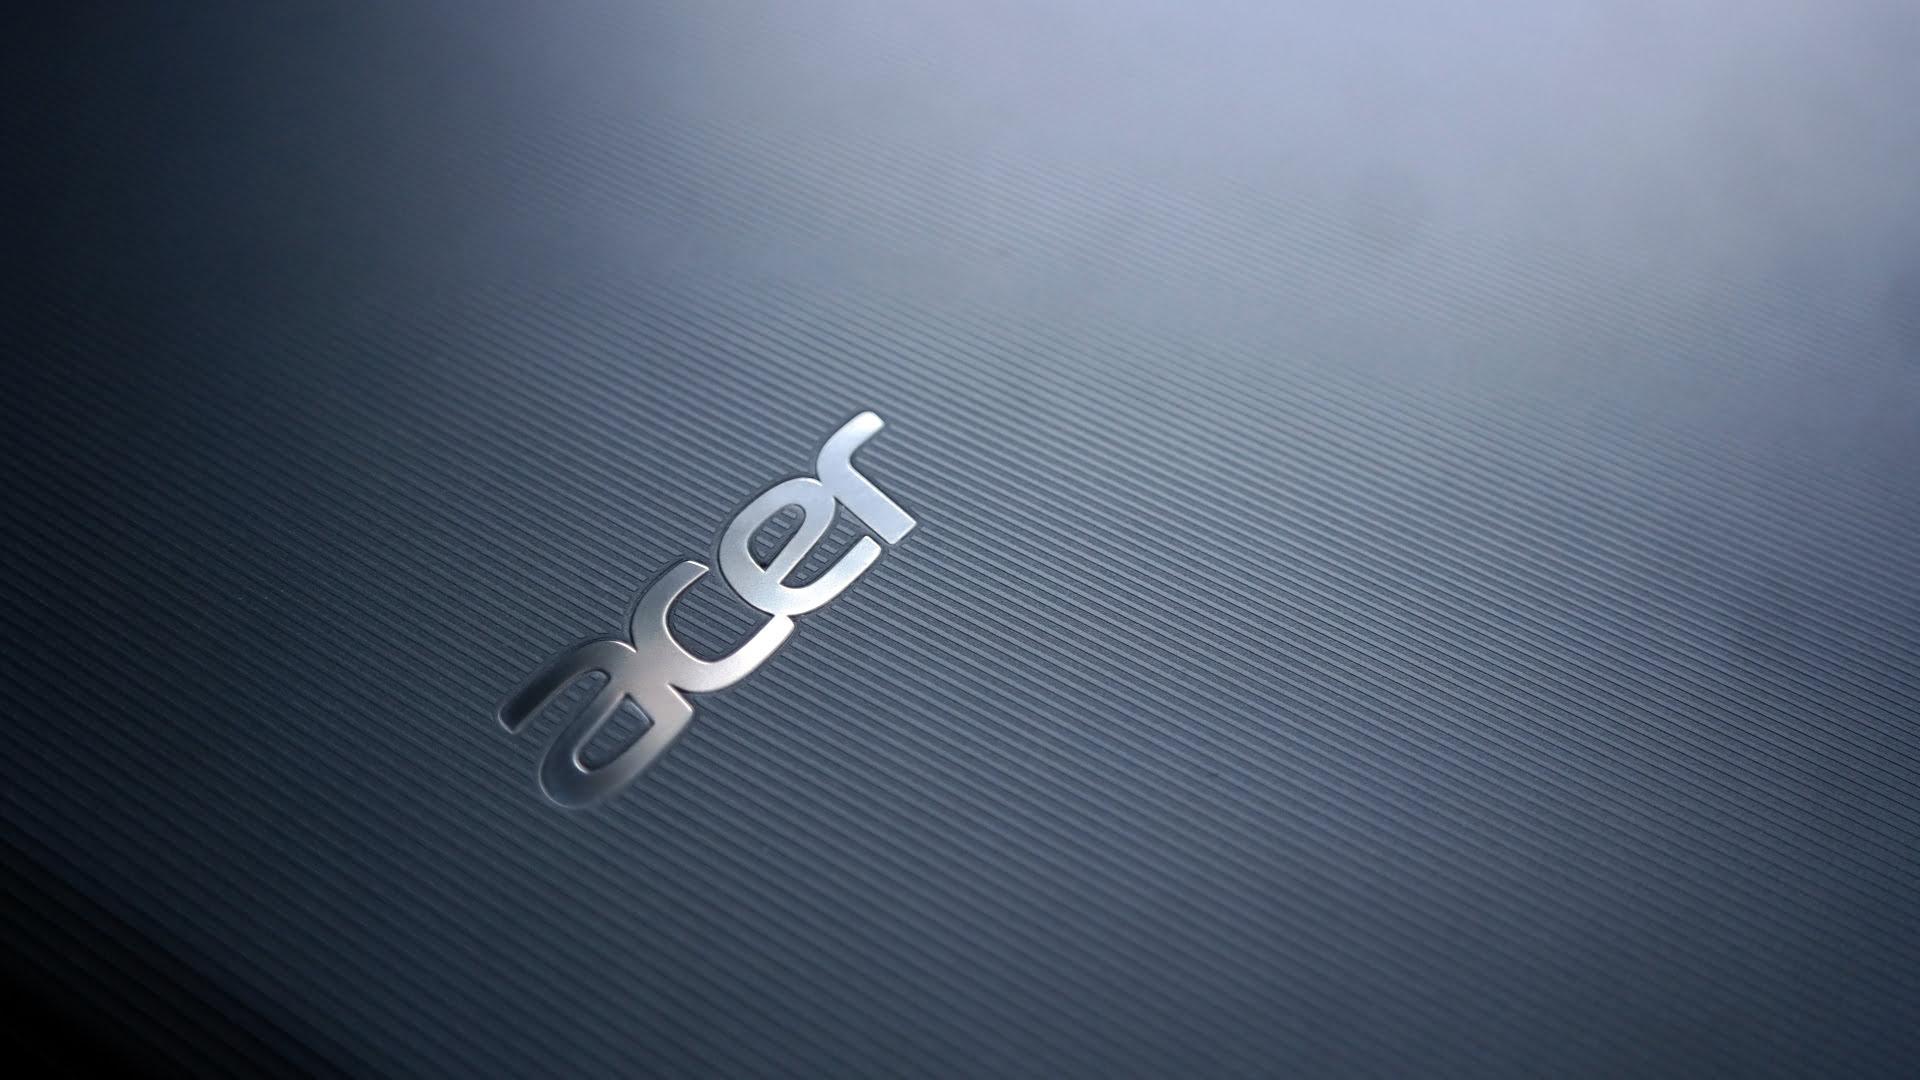 Llegan los nuevos All in One de Acer, Aspire C22 y C24